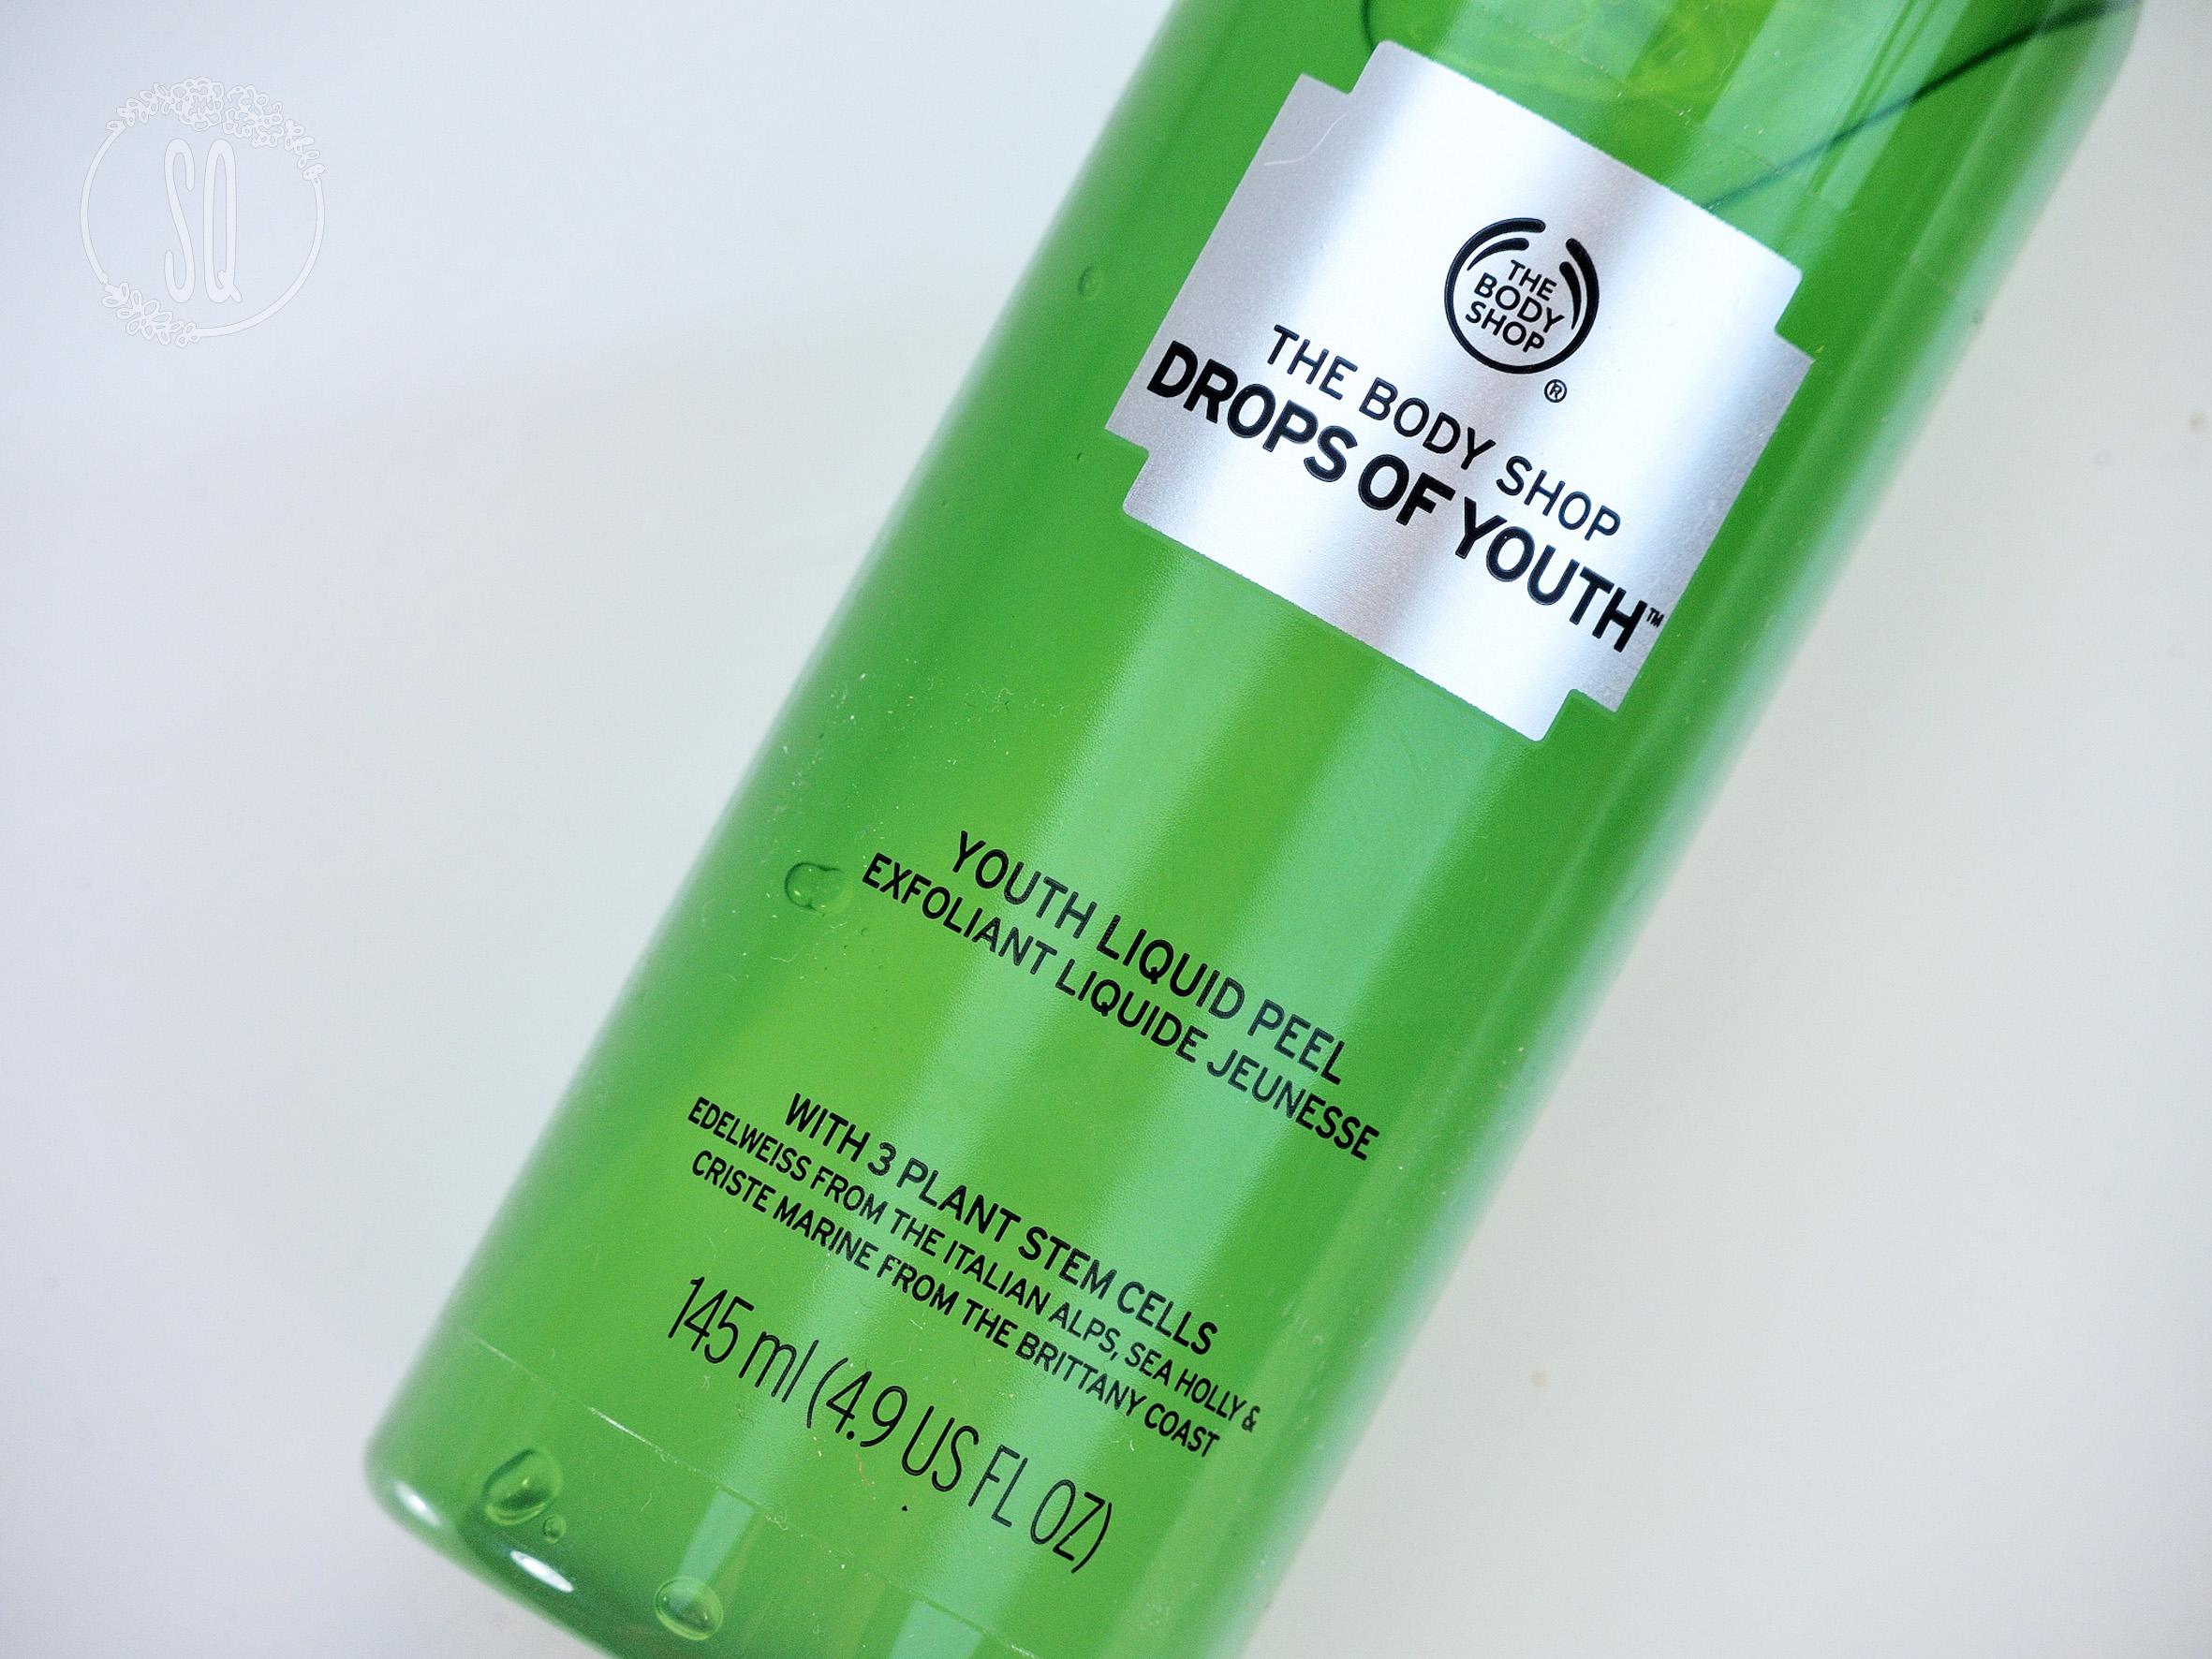 Nuevo Peeling líquido Drop of Youth de The Body Shop